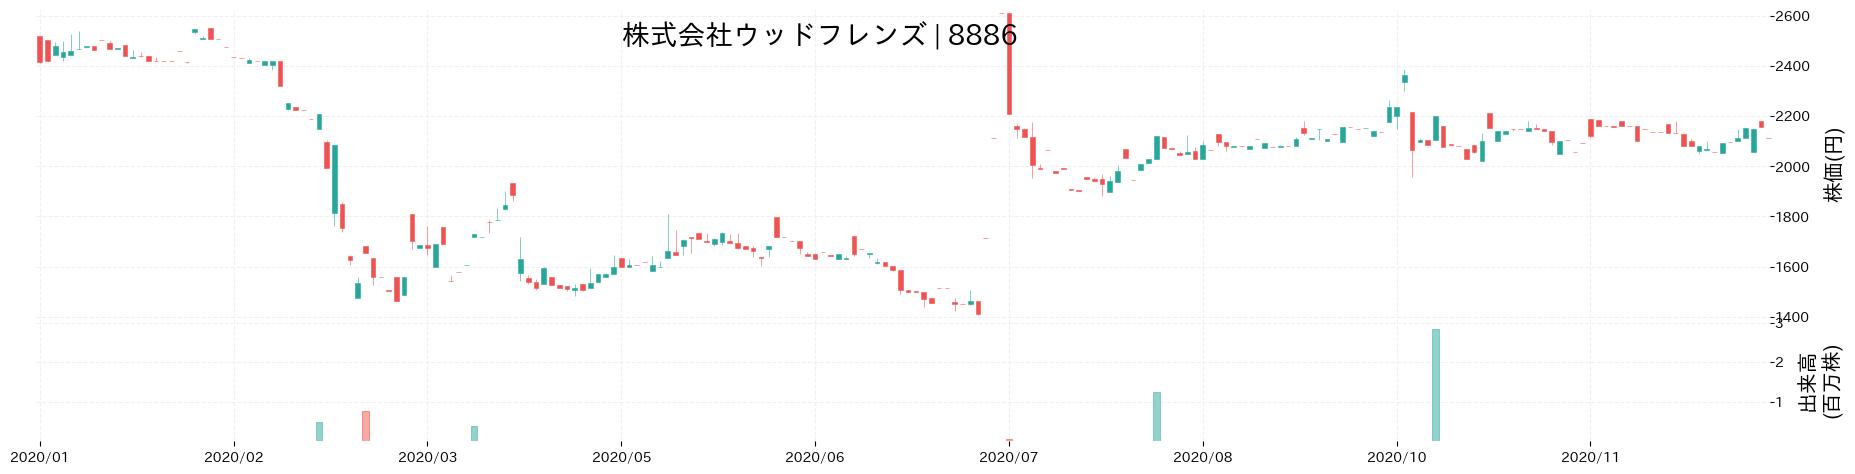 株式会社ウッドフレンズの株価推移(2020)